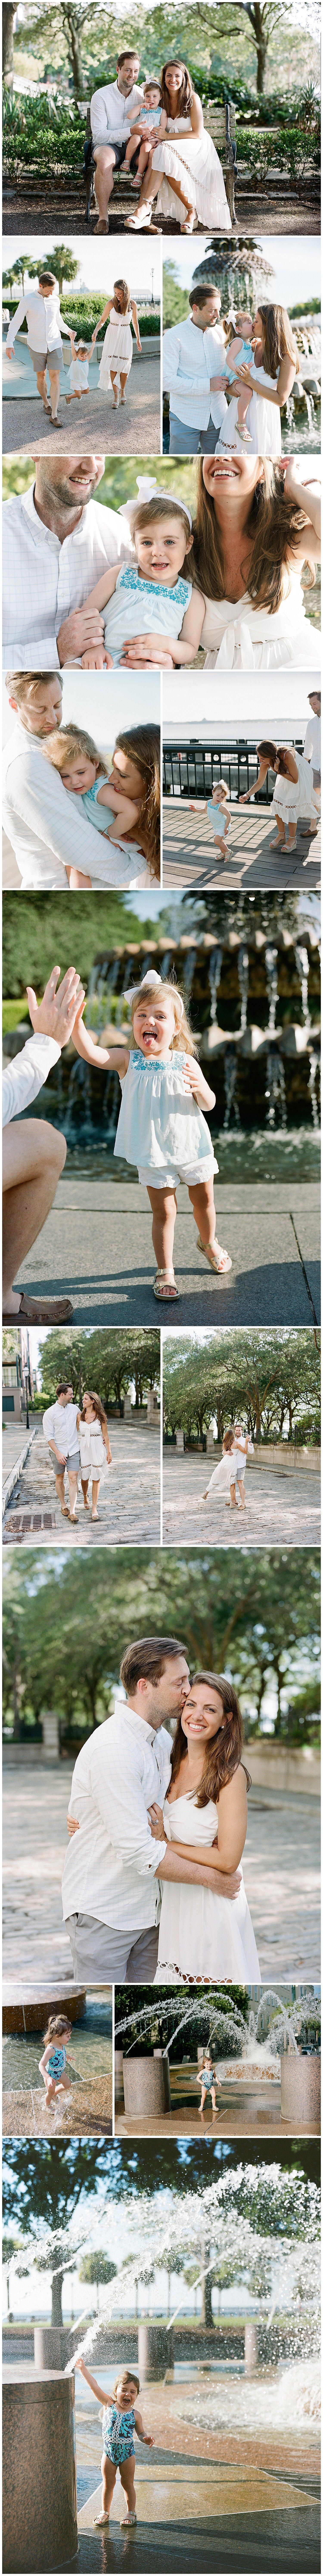 Lauren-Jonas-Charleston-Family-Portrait-Photographer.jpg